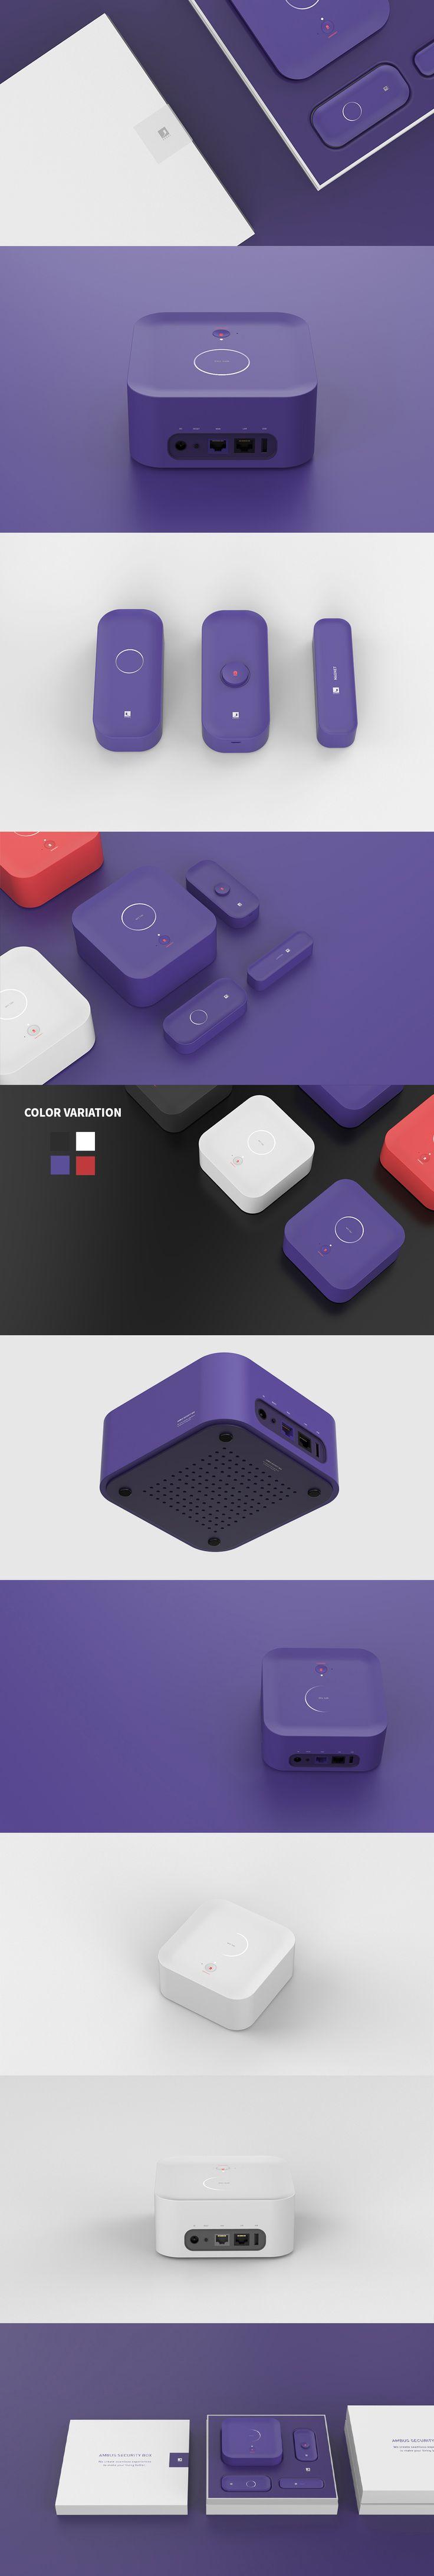 #제품디자인 #제품 #방범장치 #앰버스 #디자인 #디자이너 #라우드소싱 #레퍼런스 #product #design 앰버스 제품 디자인  focusonkk님의 작품이 우승작으로 선정되었습니다.